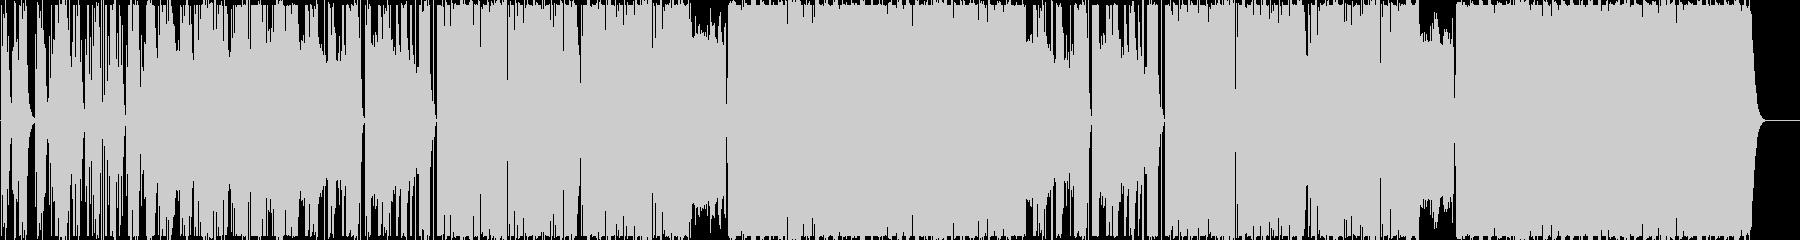 オーケストラ/ヒップホップ/壮大/#1の未再生の波形